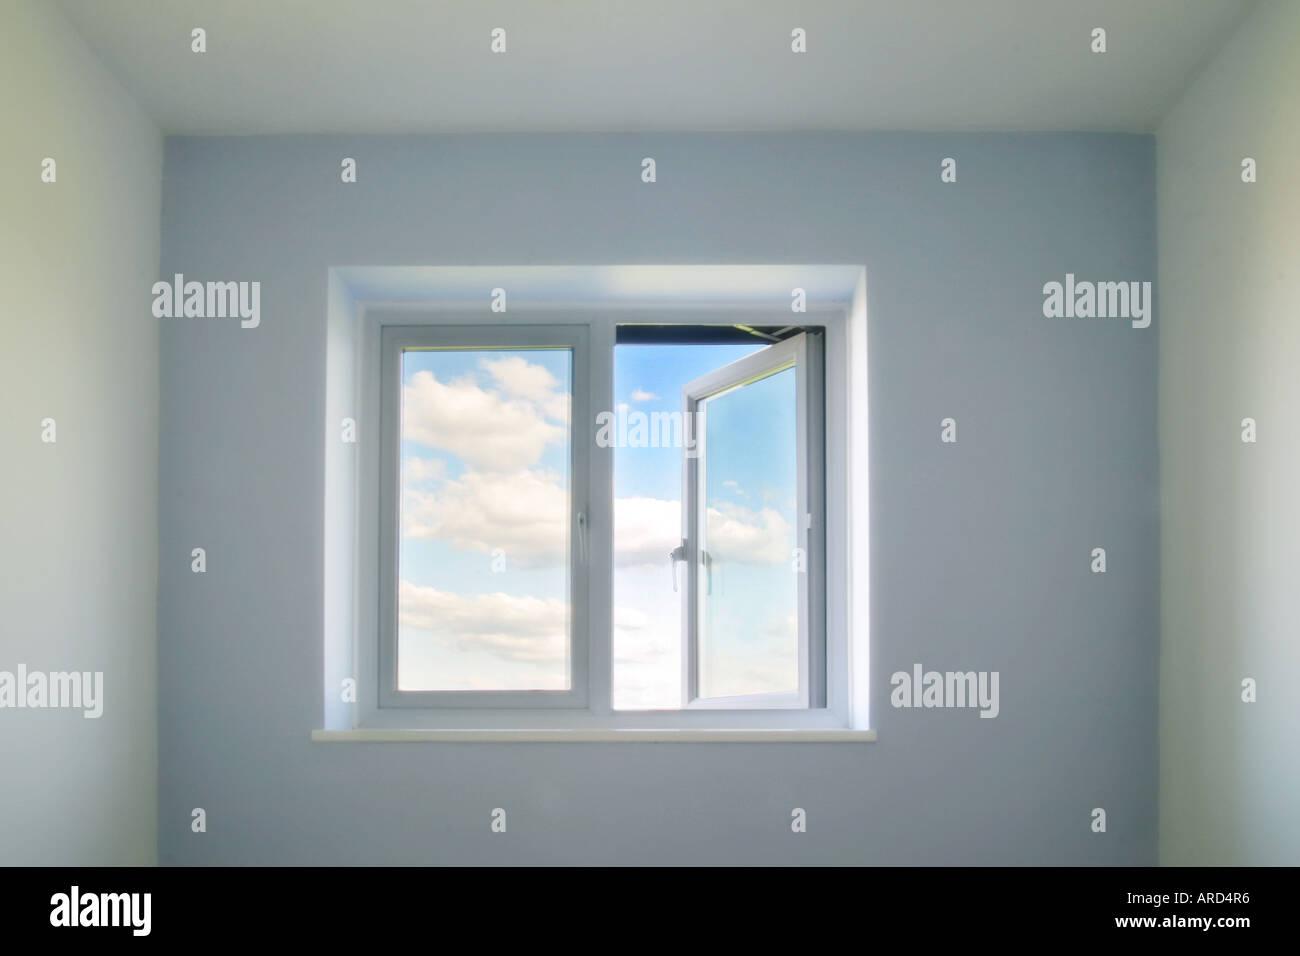 Concetto di immagine di una finestra aperta Immagini Stock